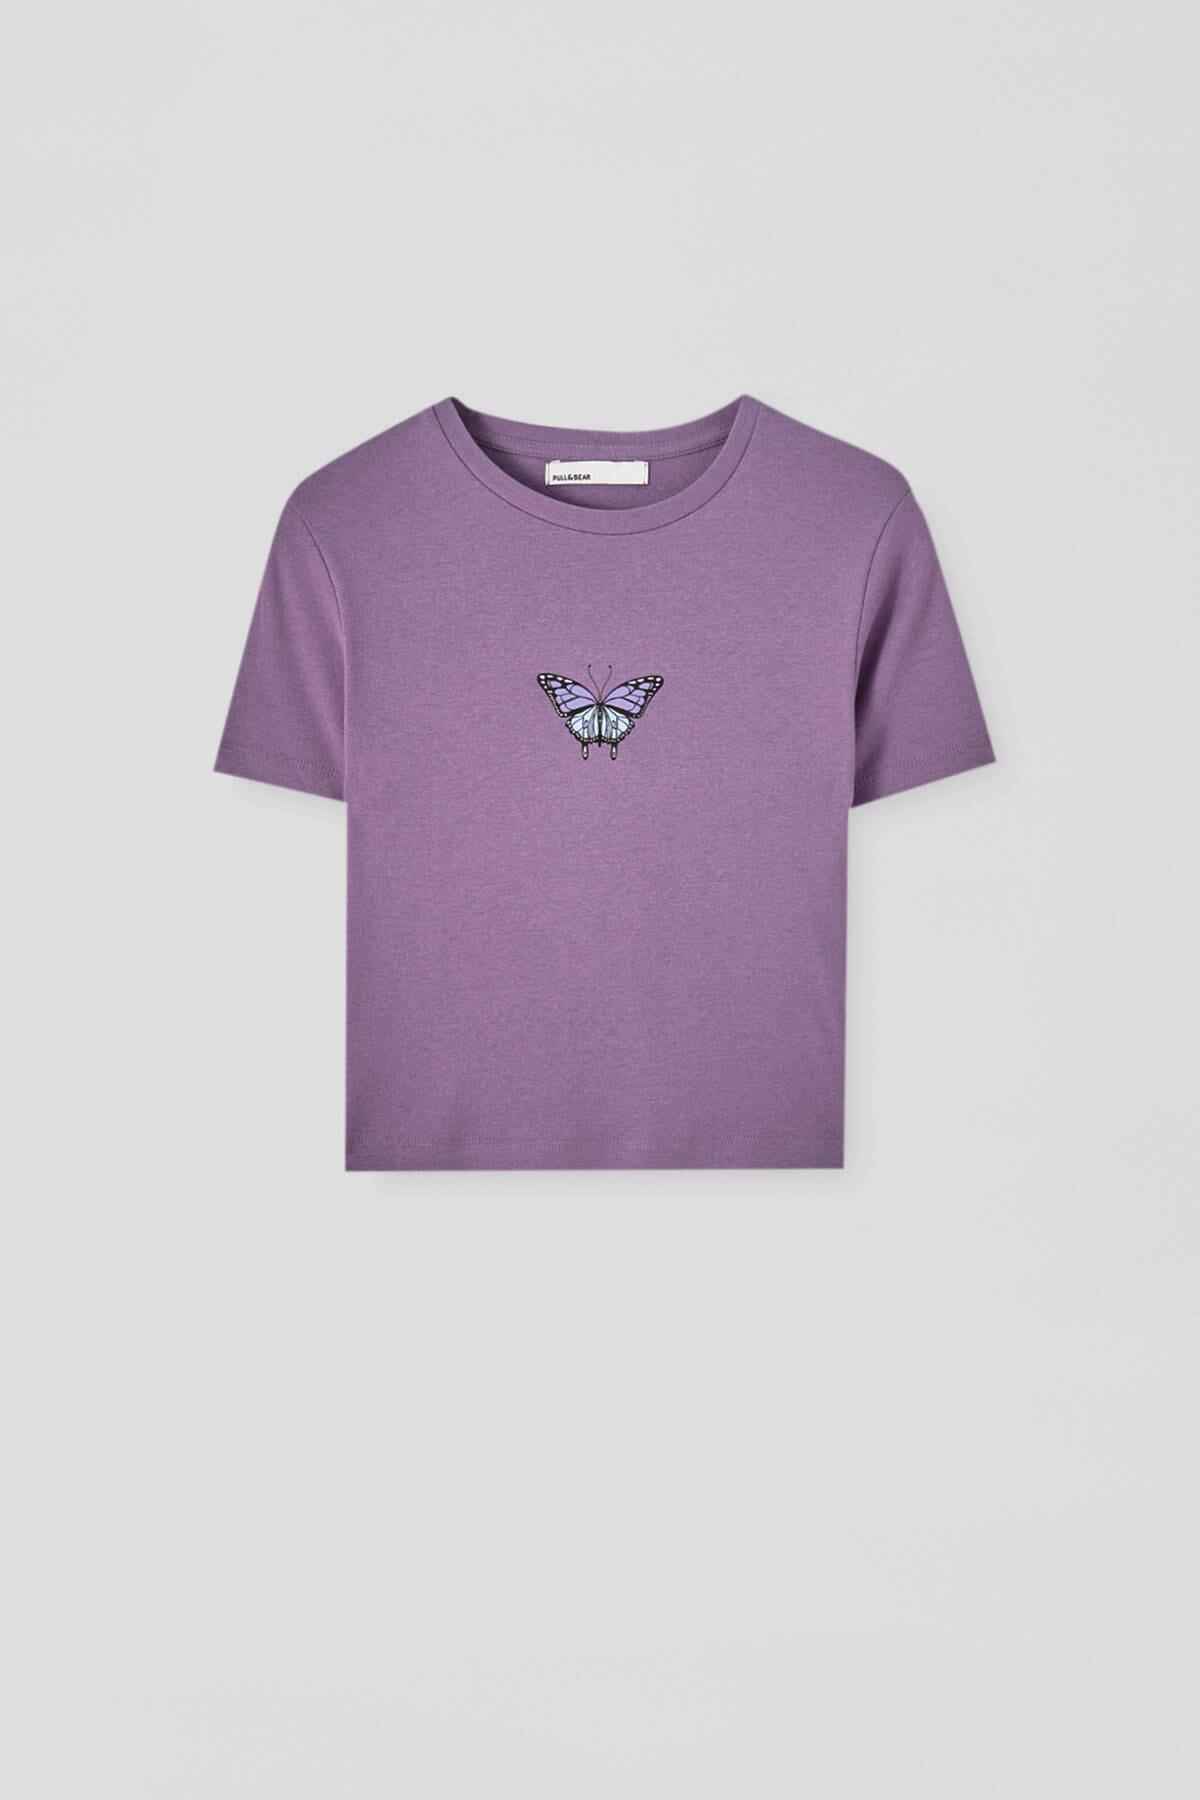 Pull & Bear Kadın  Leylak Grafik Baskılı Fitilli T-Shirt 09247324 4